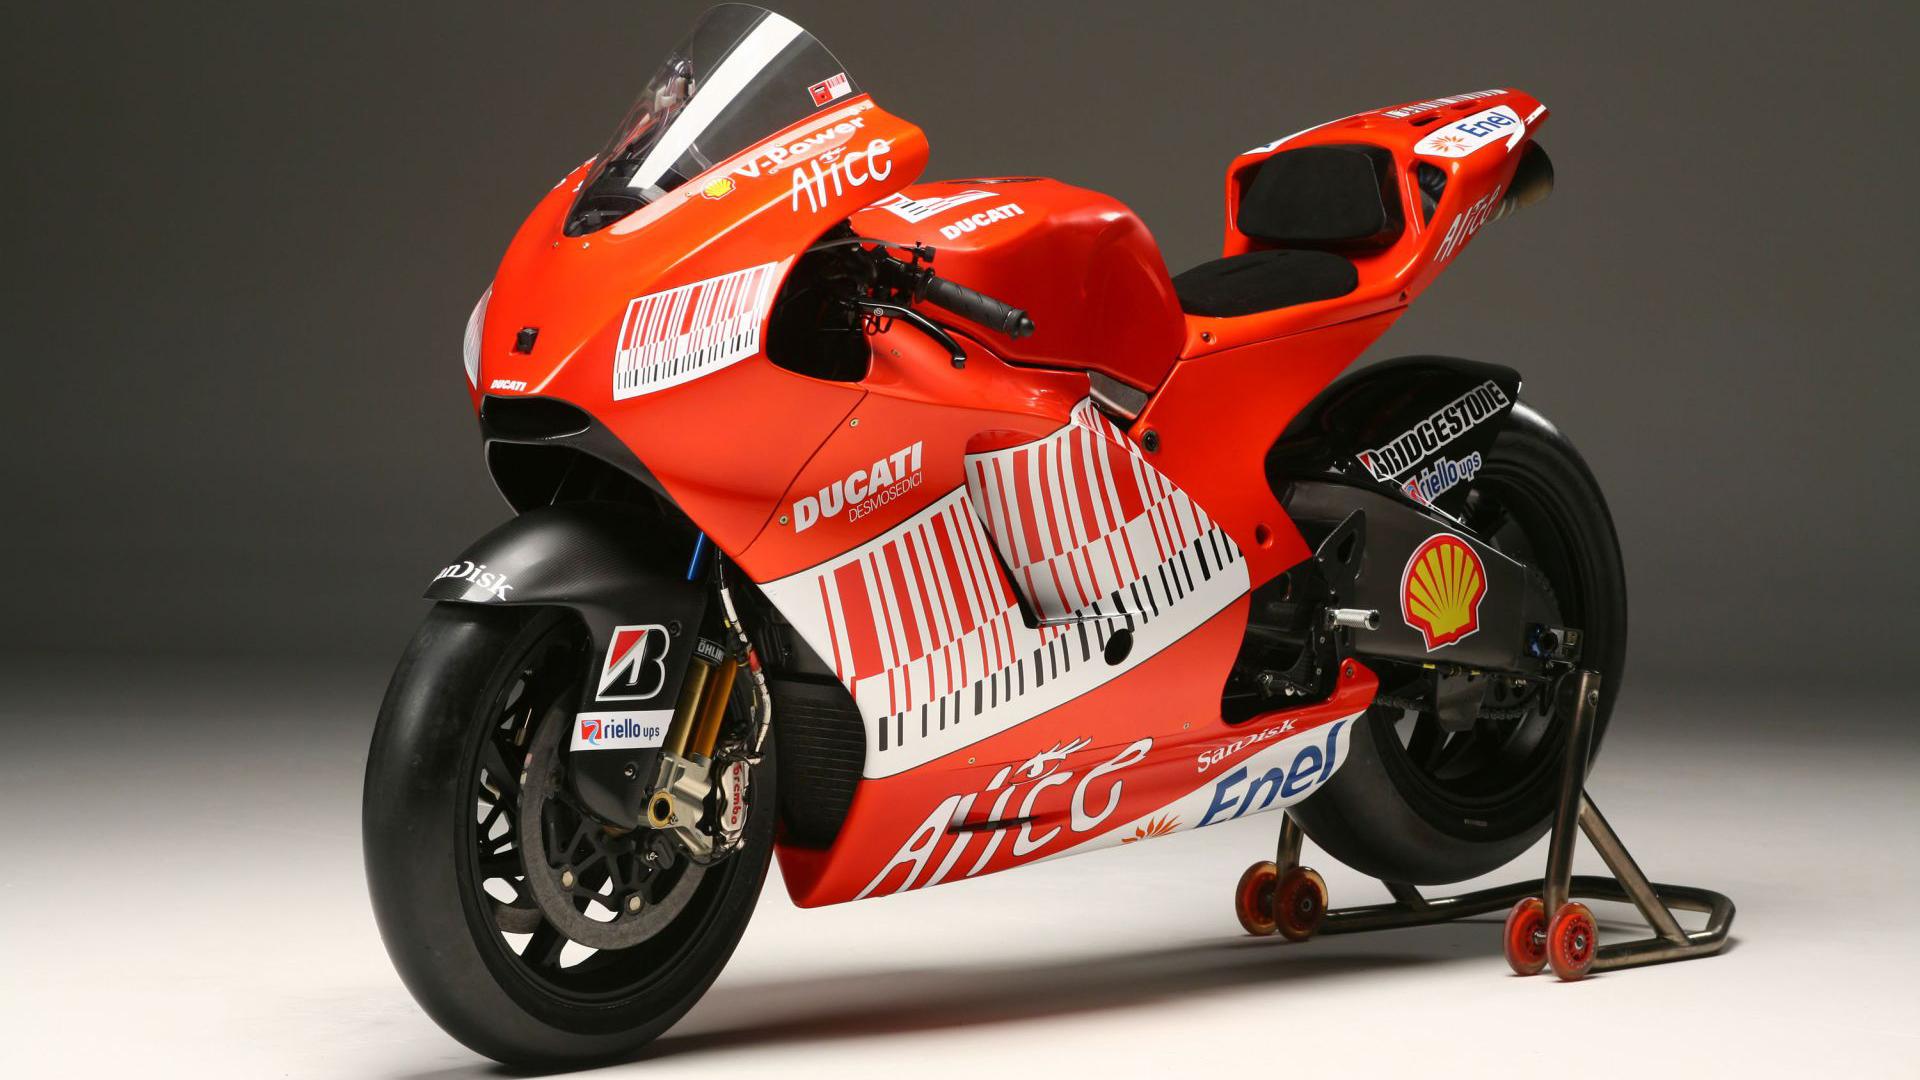 HD Wallpapers Ducati Sports Bike